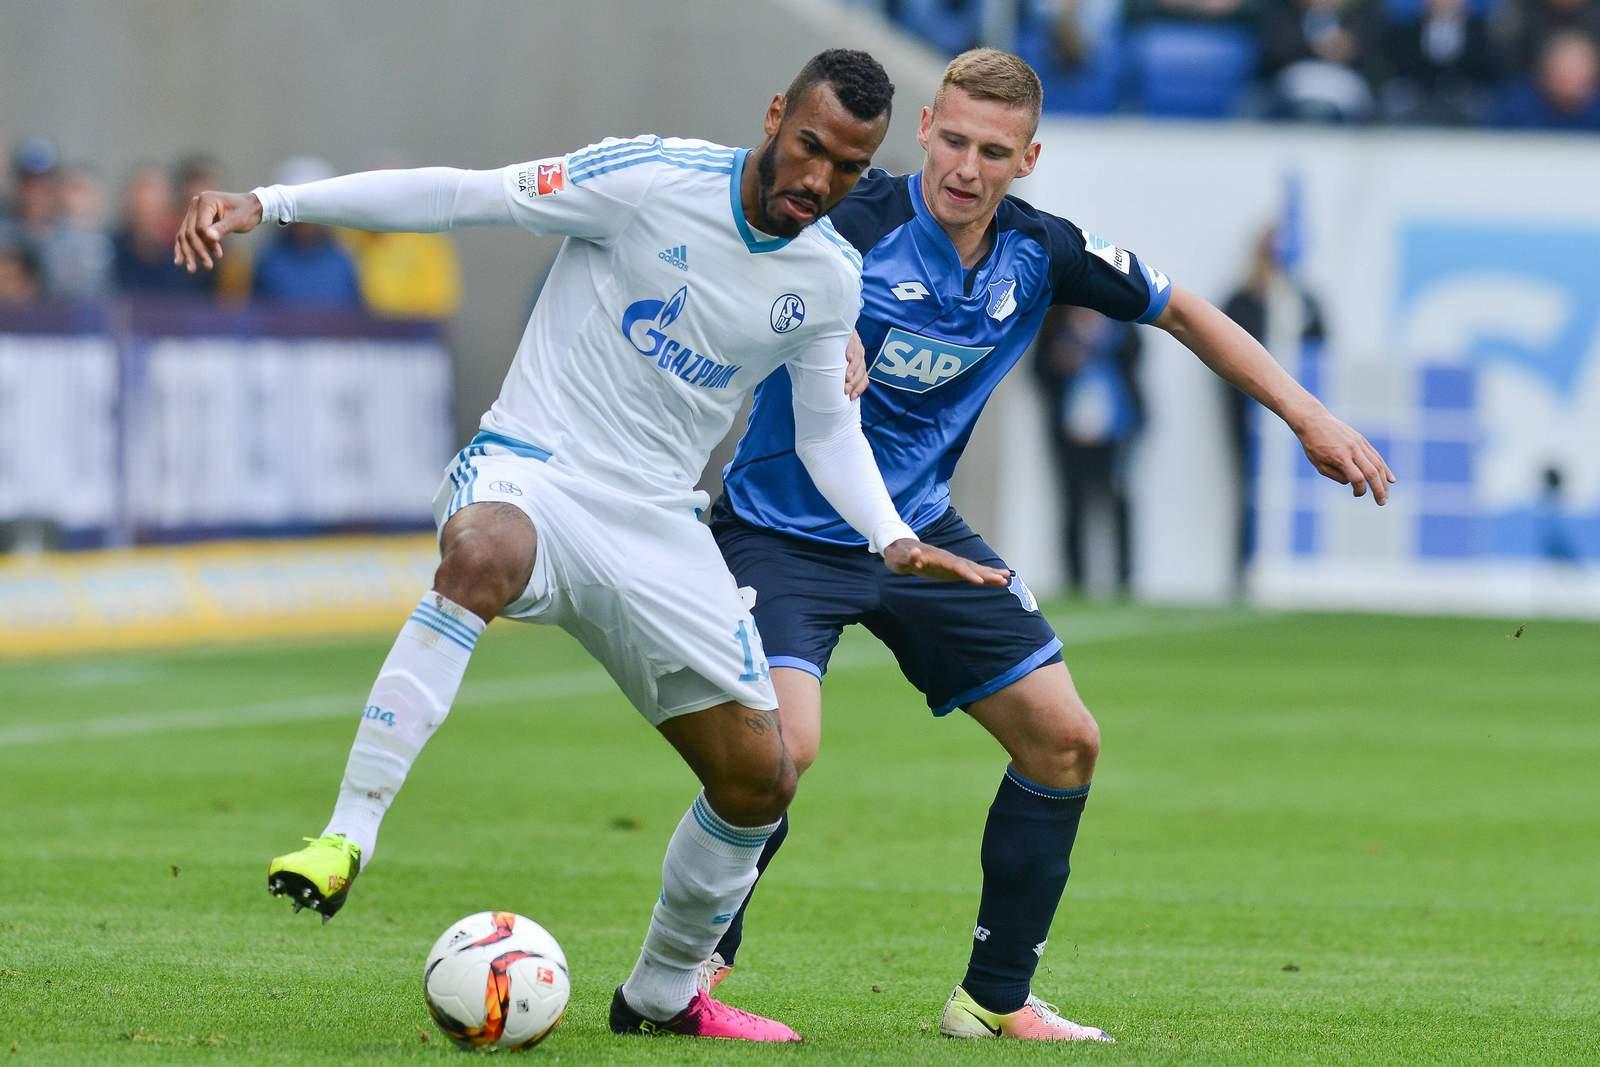 Setzt sich Choupo-Moting gegen Kaderabek durch? Jetzt auf Hoffenheim gegen Schalke wetten